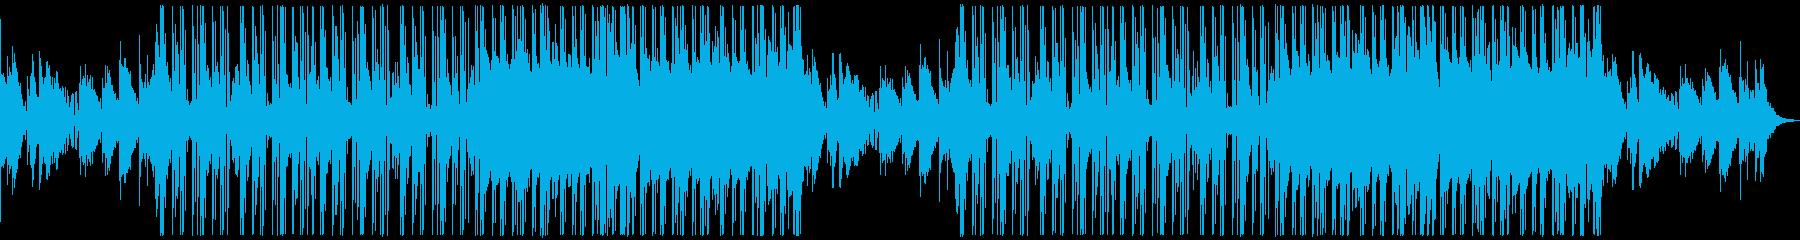 日常系 近未来やサイバー系のあったい曲の再生済みの波形